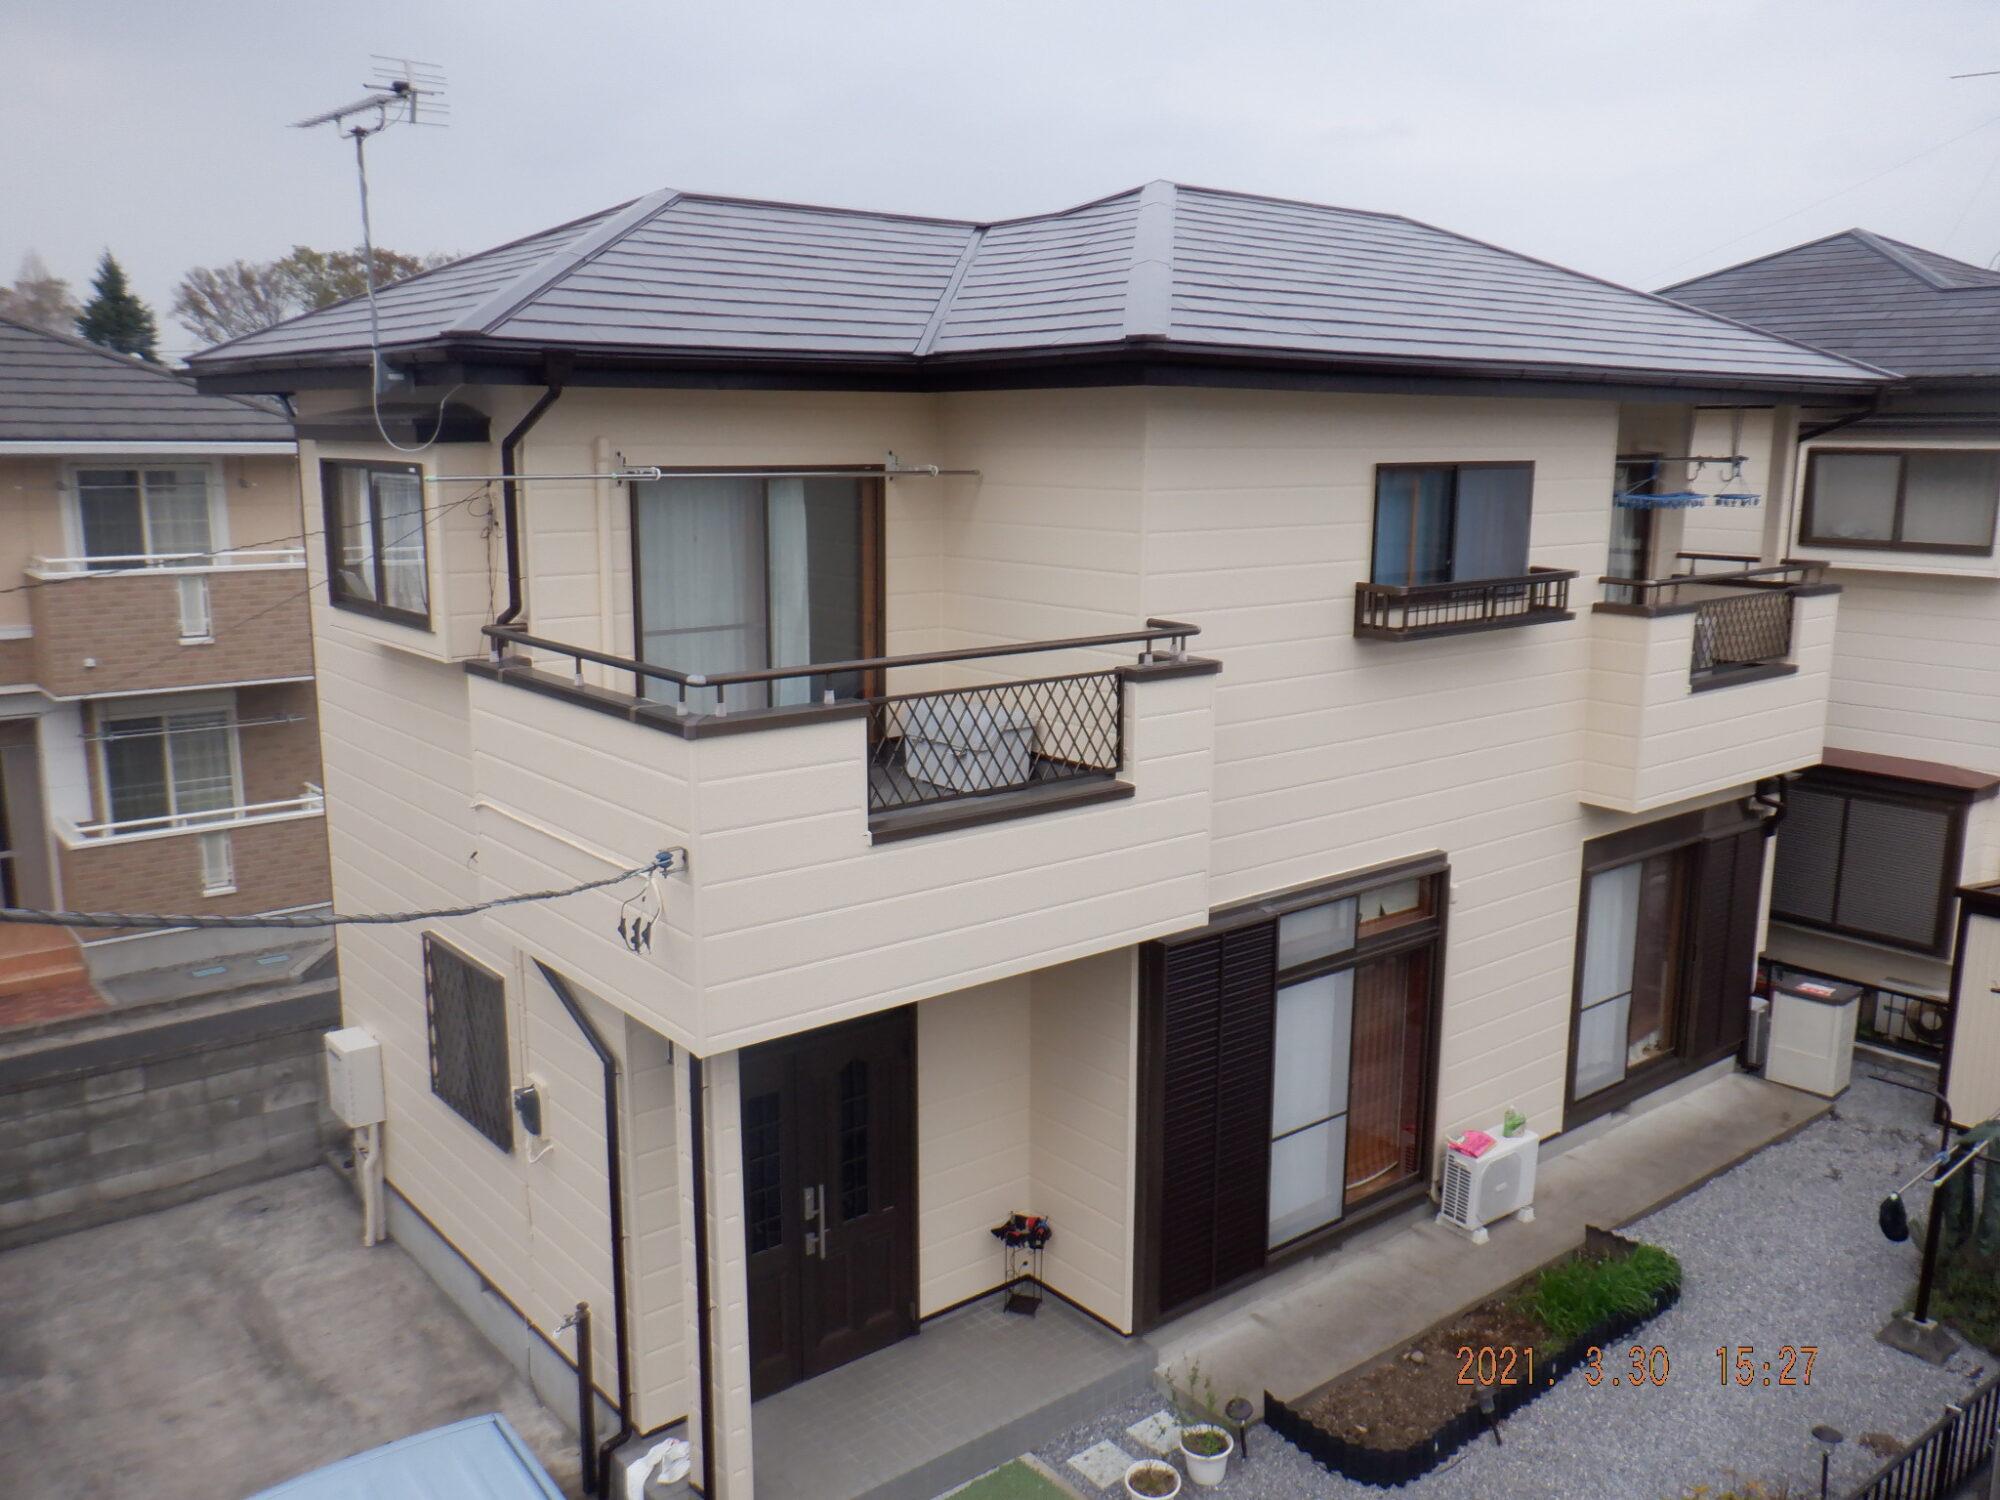 【宇都宮市】E様邸 屋根外壁塗装工事